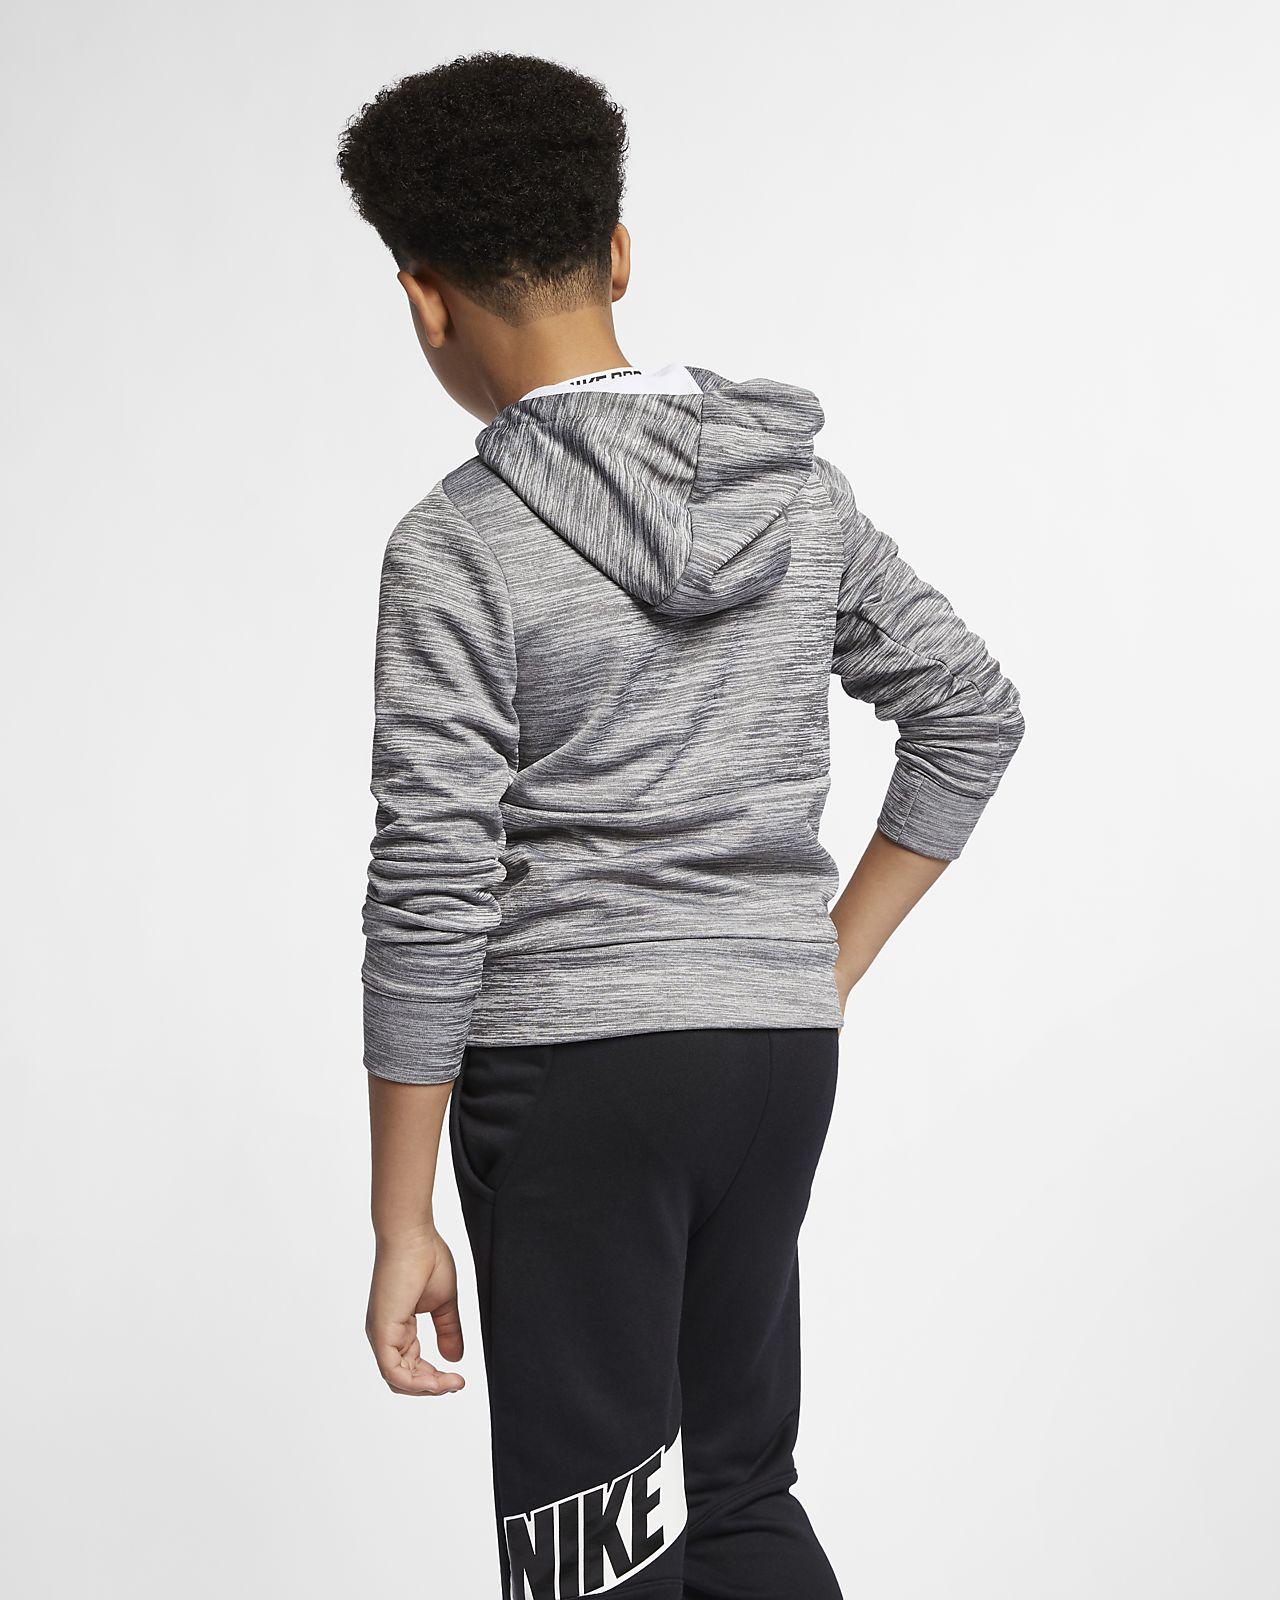 64c7a1129 Nike Dri-FIT Therma Older Kids' (Boys') Full-Zip Training Hoodie ...